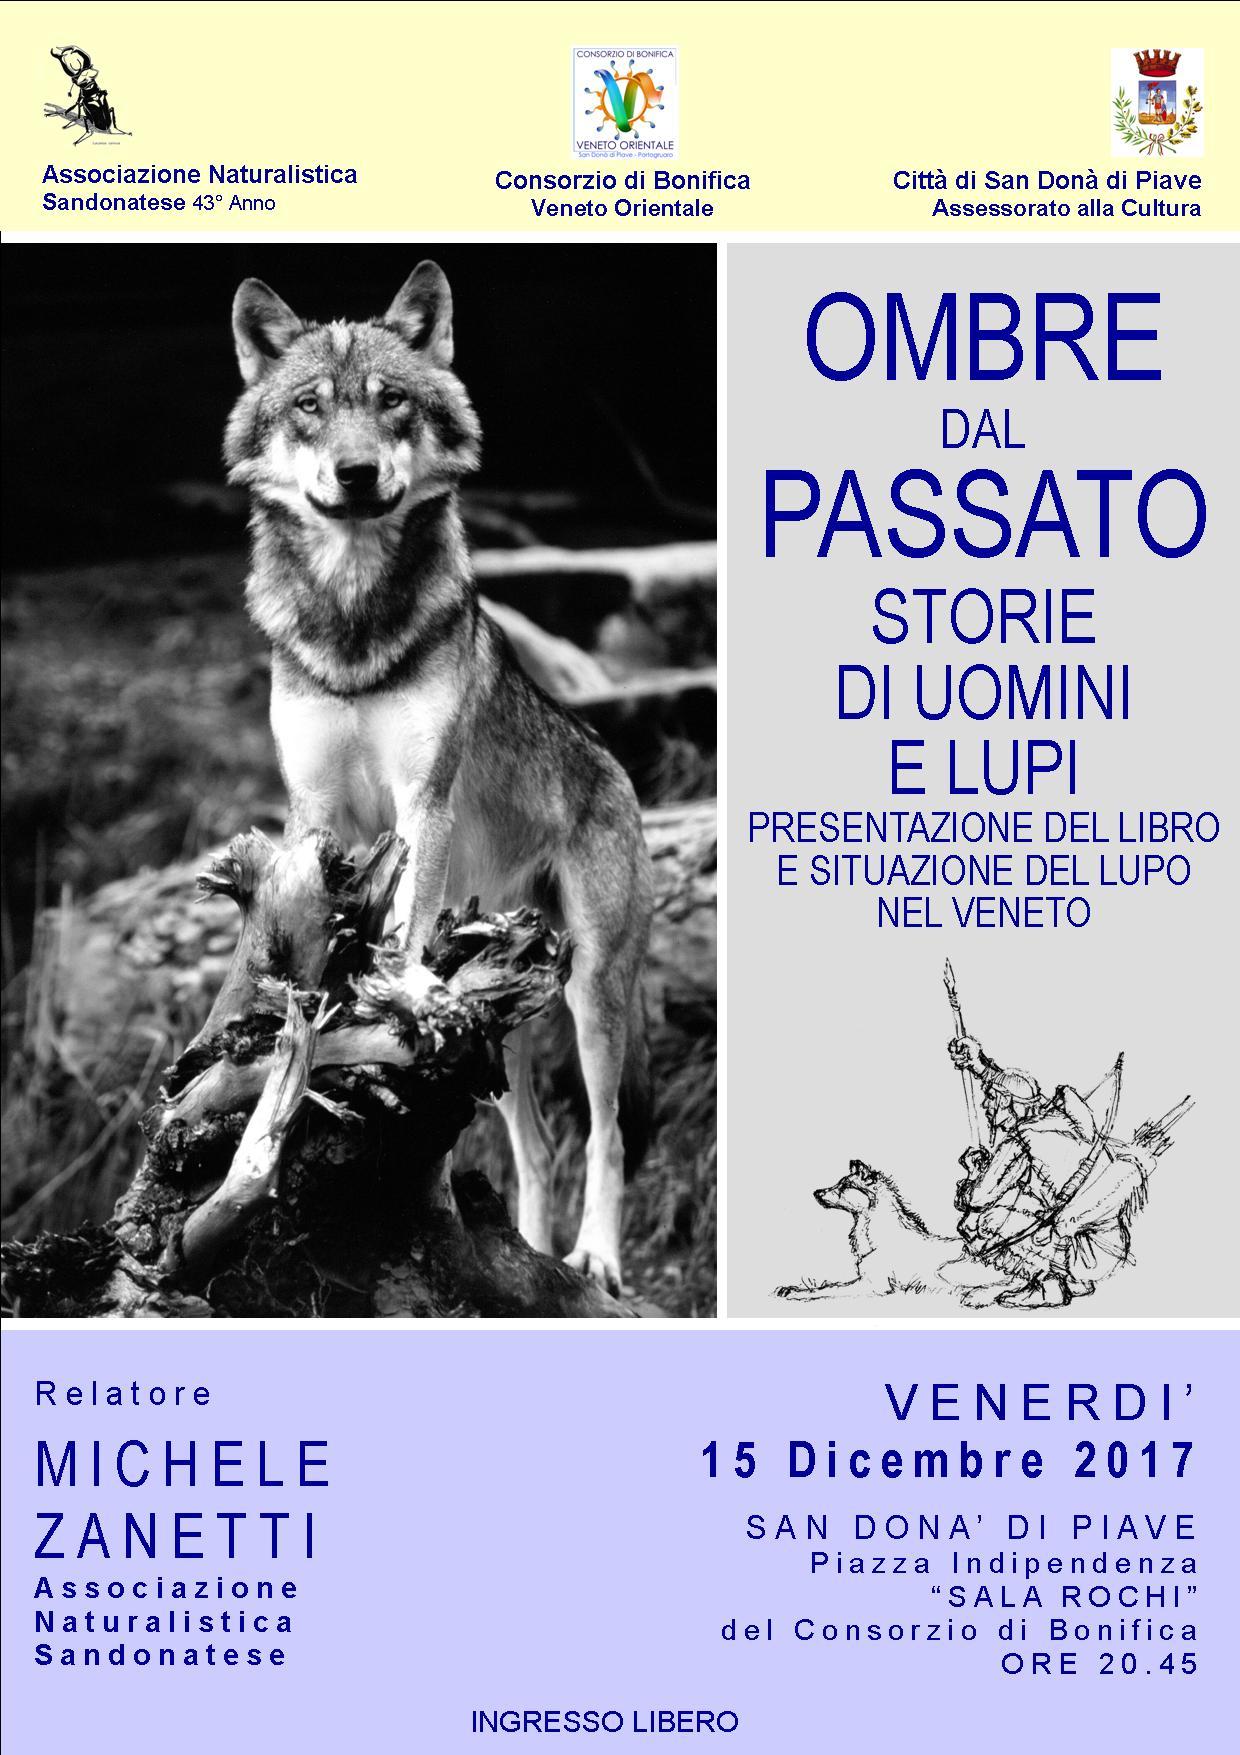 OMBRE-DAL-PASSATO-15-dicembre-associazione-naturalistica-sandonatese-michele-zanetti